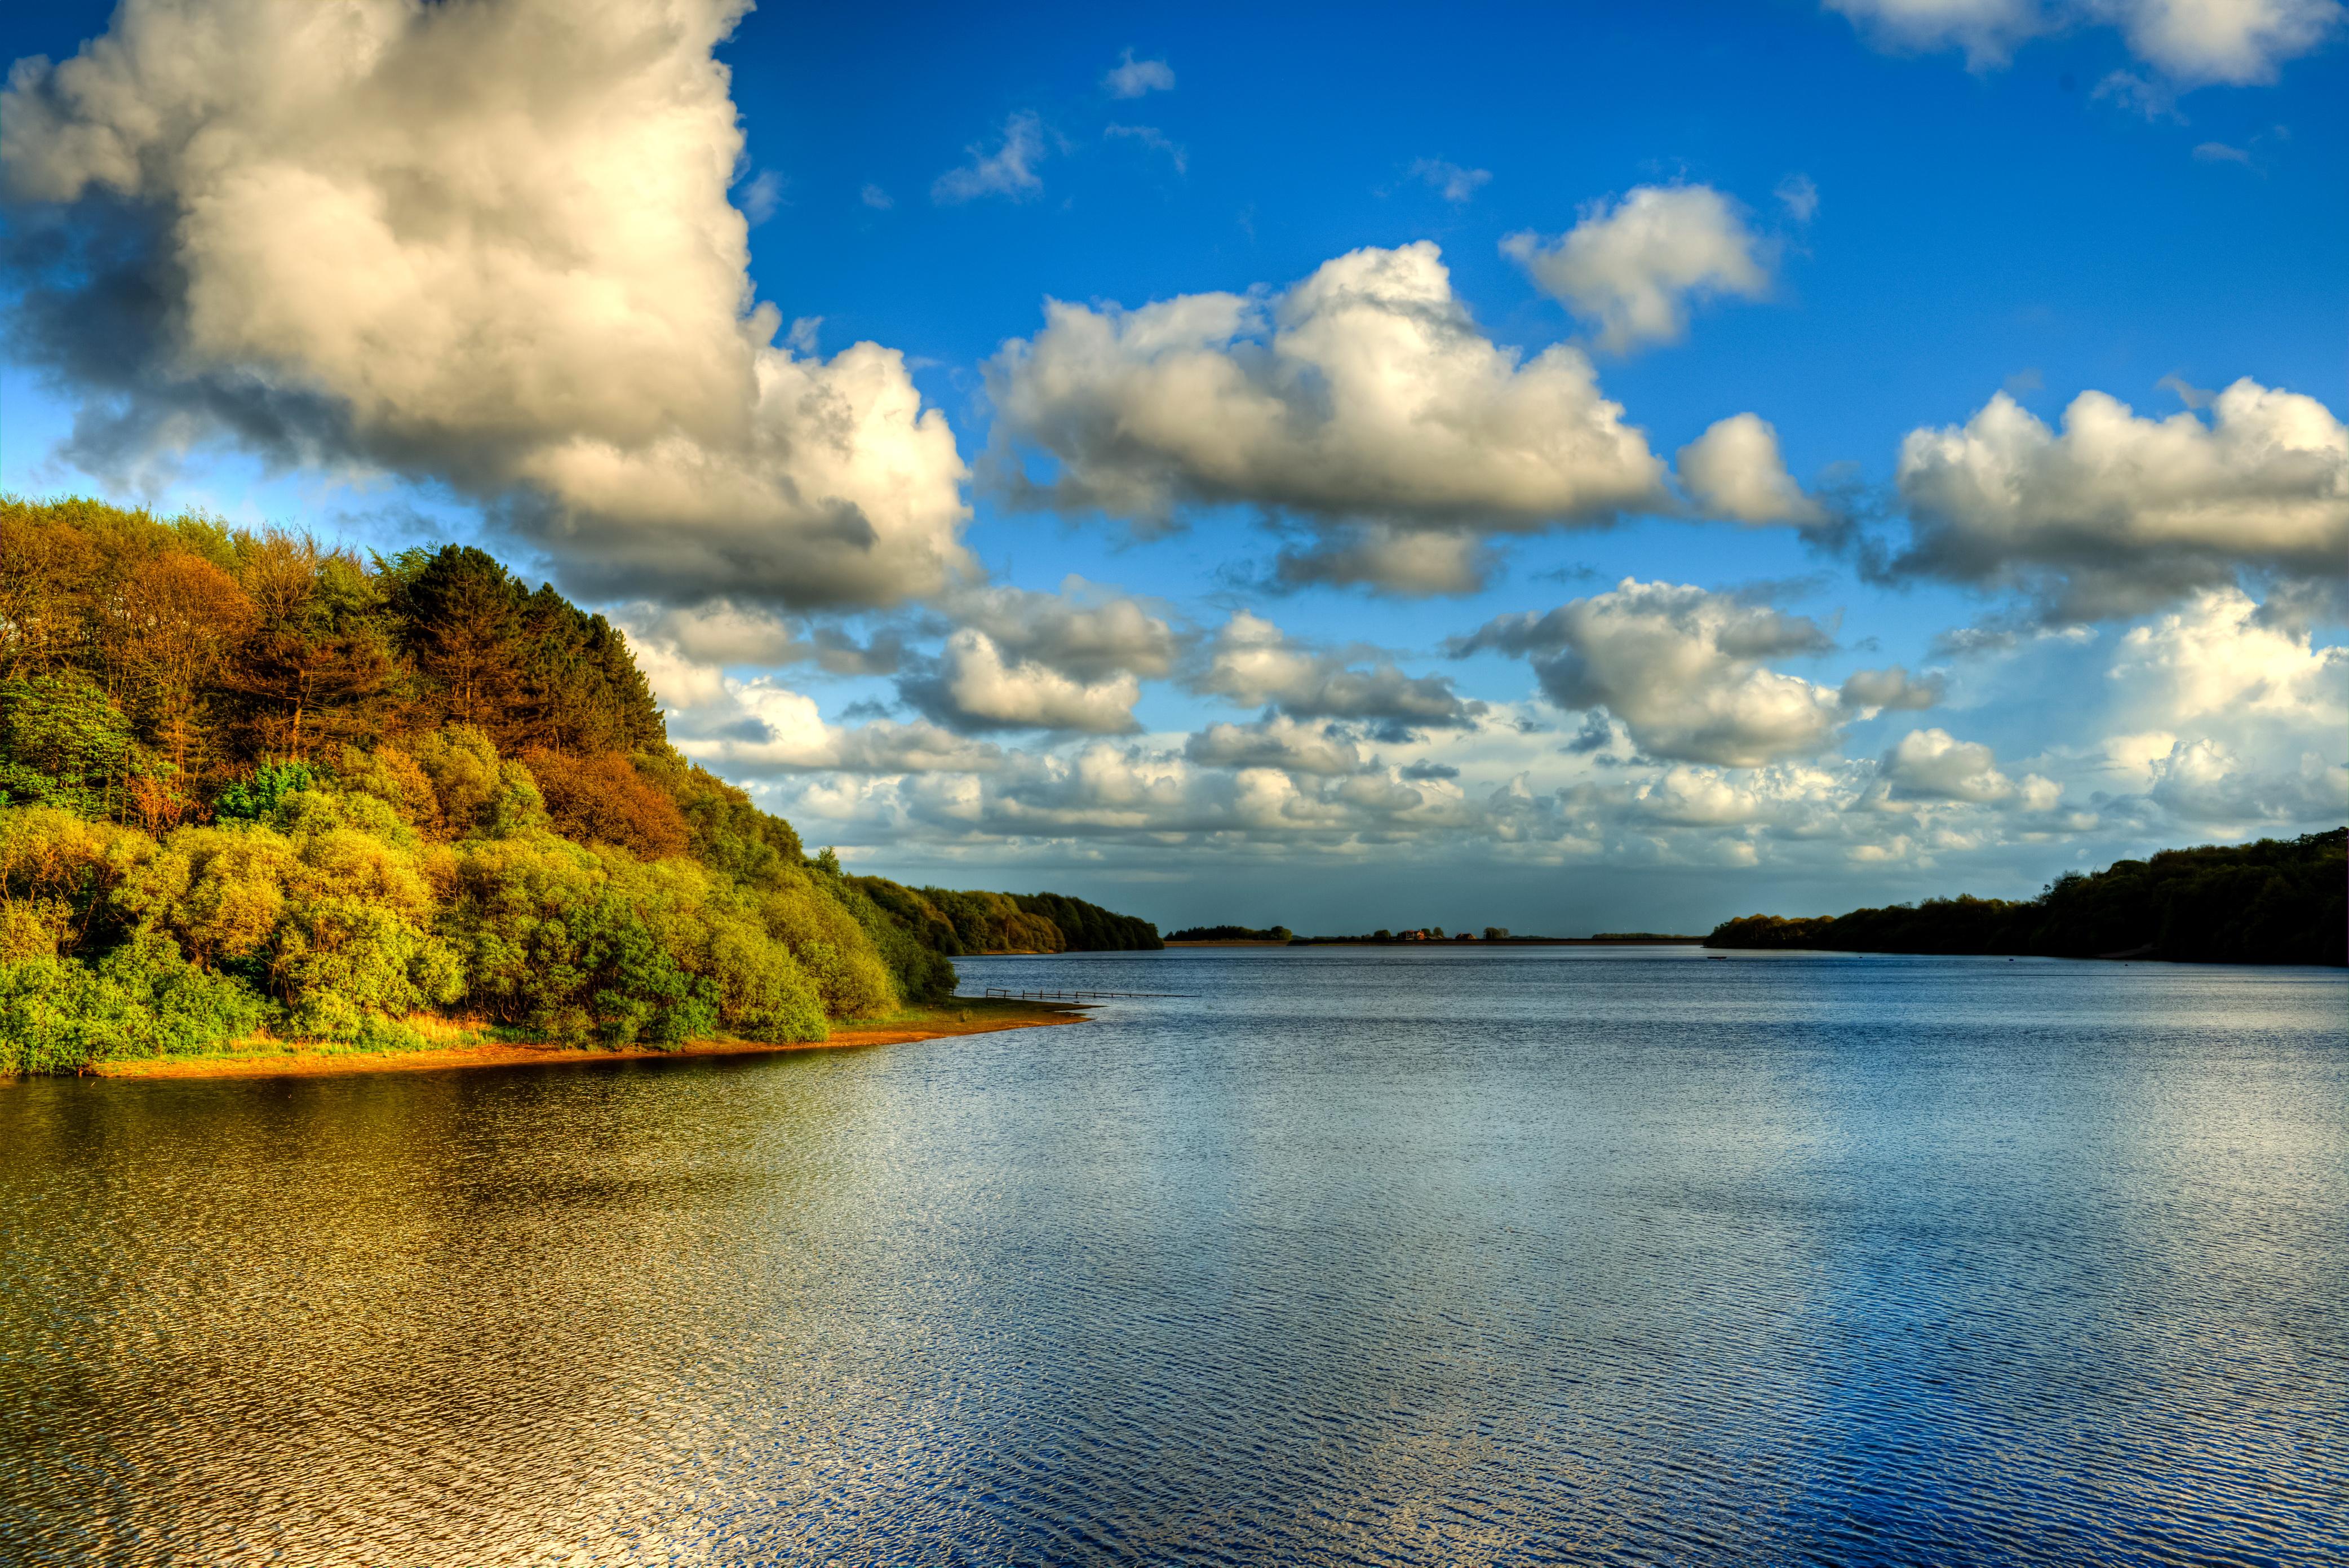 природа облака солнце река  № 2602922 бесплатно